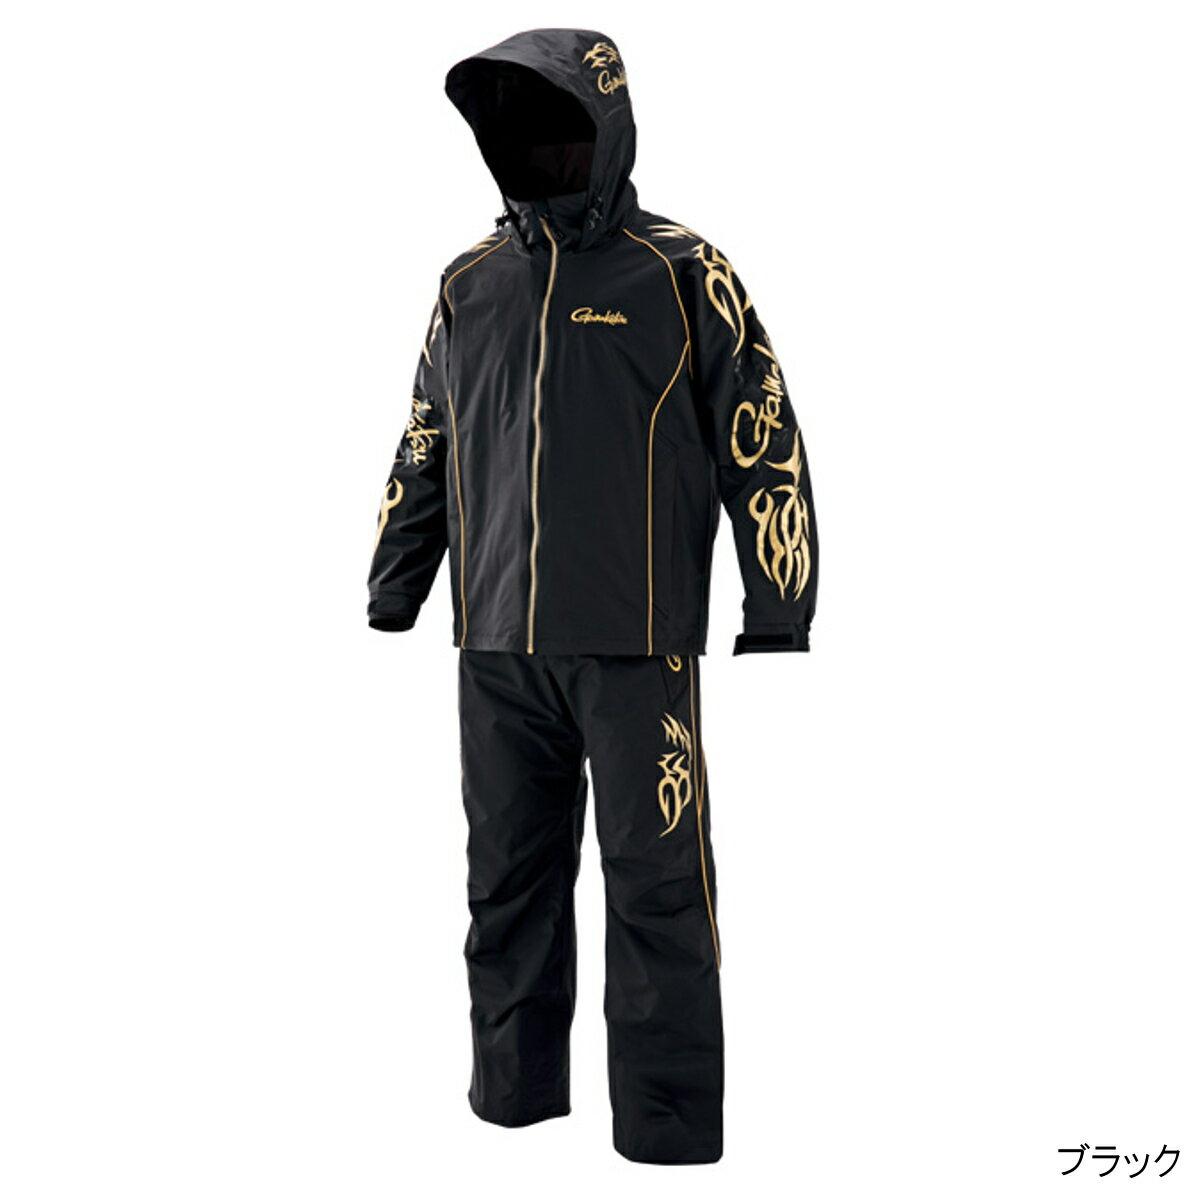 アルテマシールド200 フィッシングレインスーツ(超々耐久撥水仕様) GM-3502 L ブラック【送料無料】